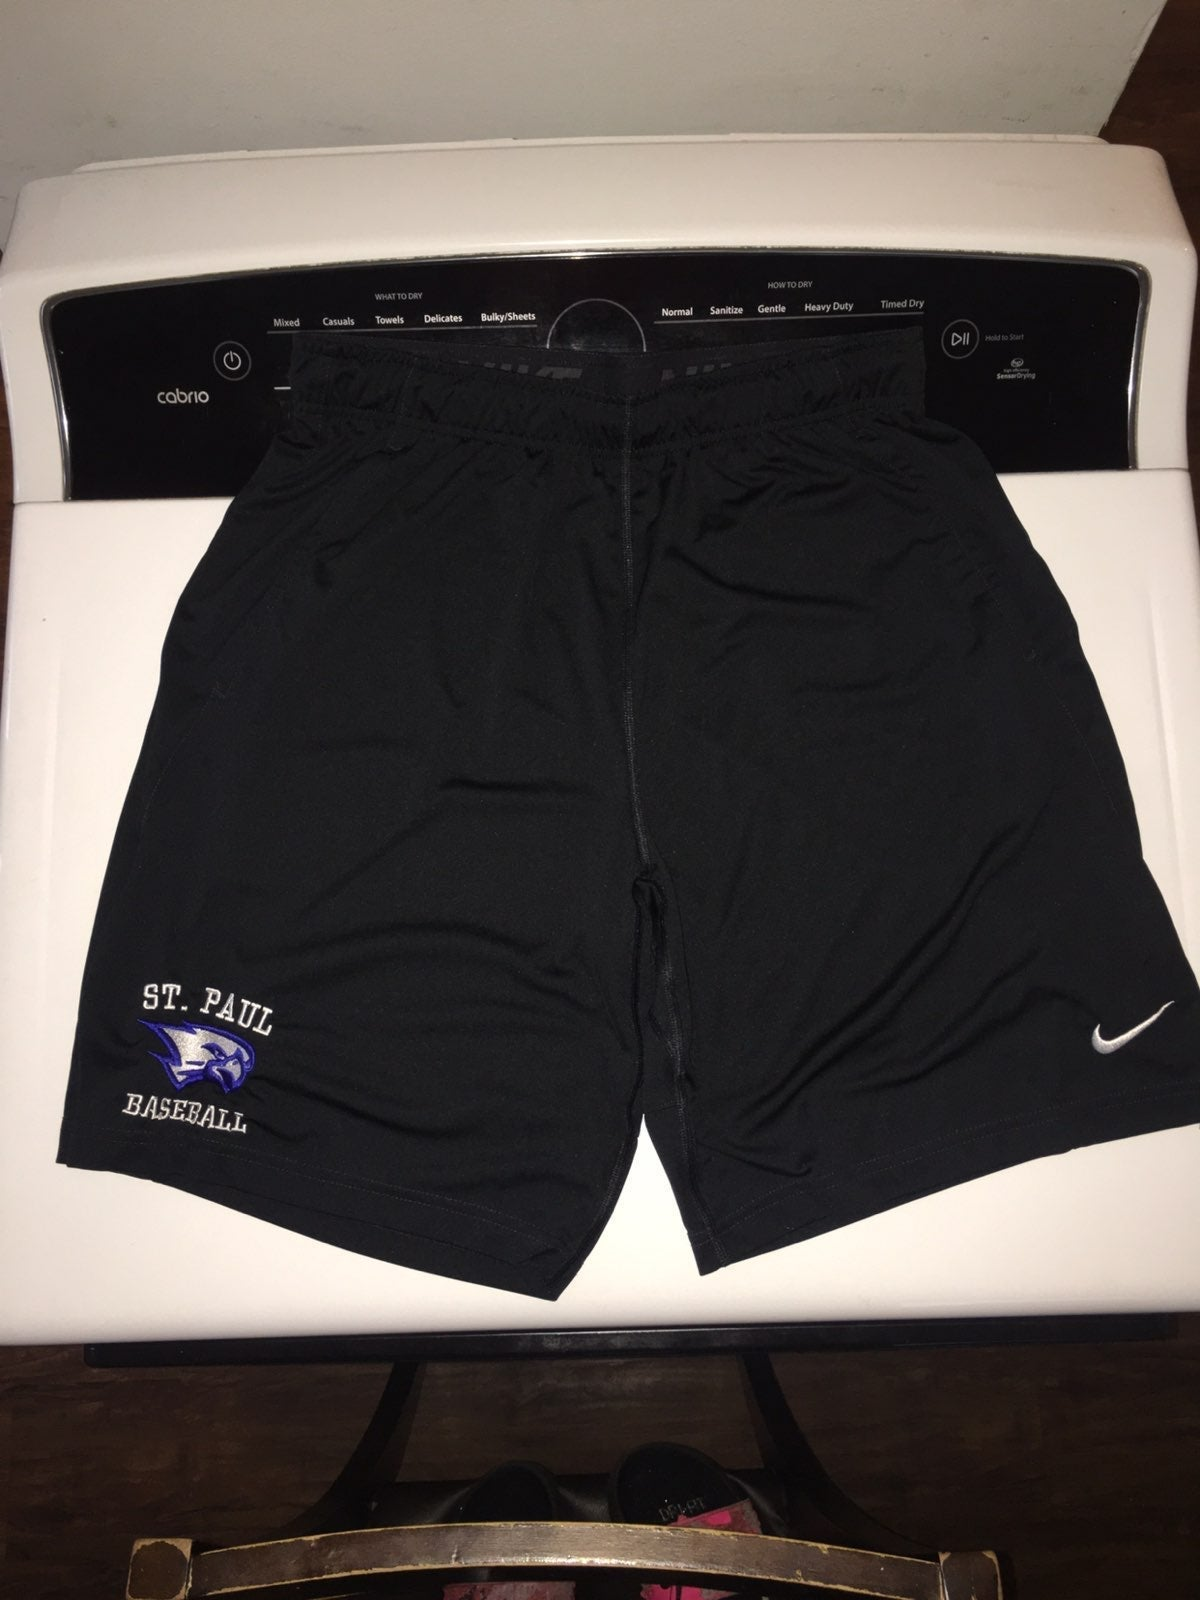 Mens large dri fit shorts